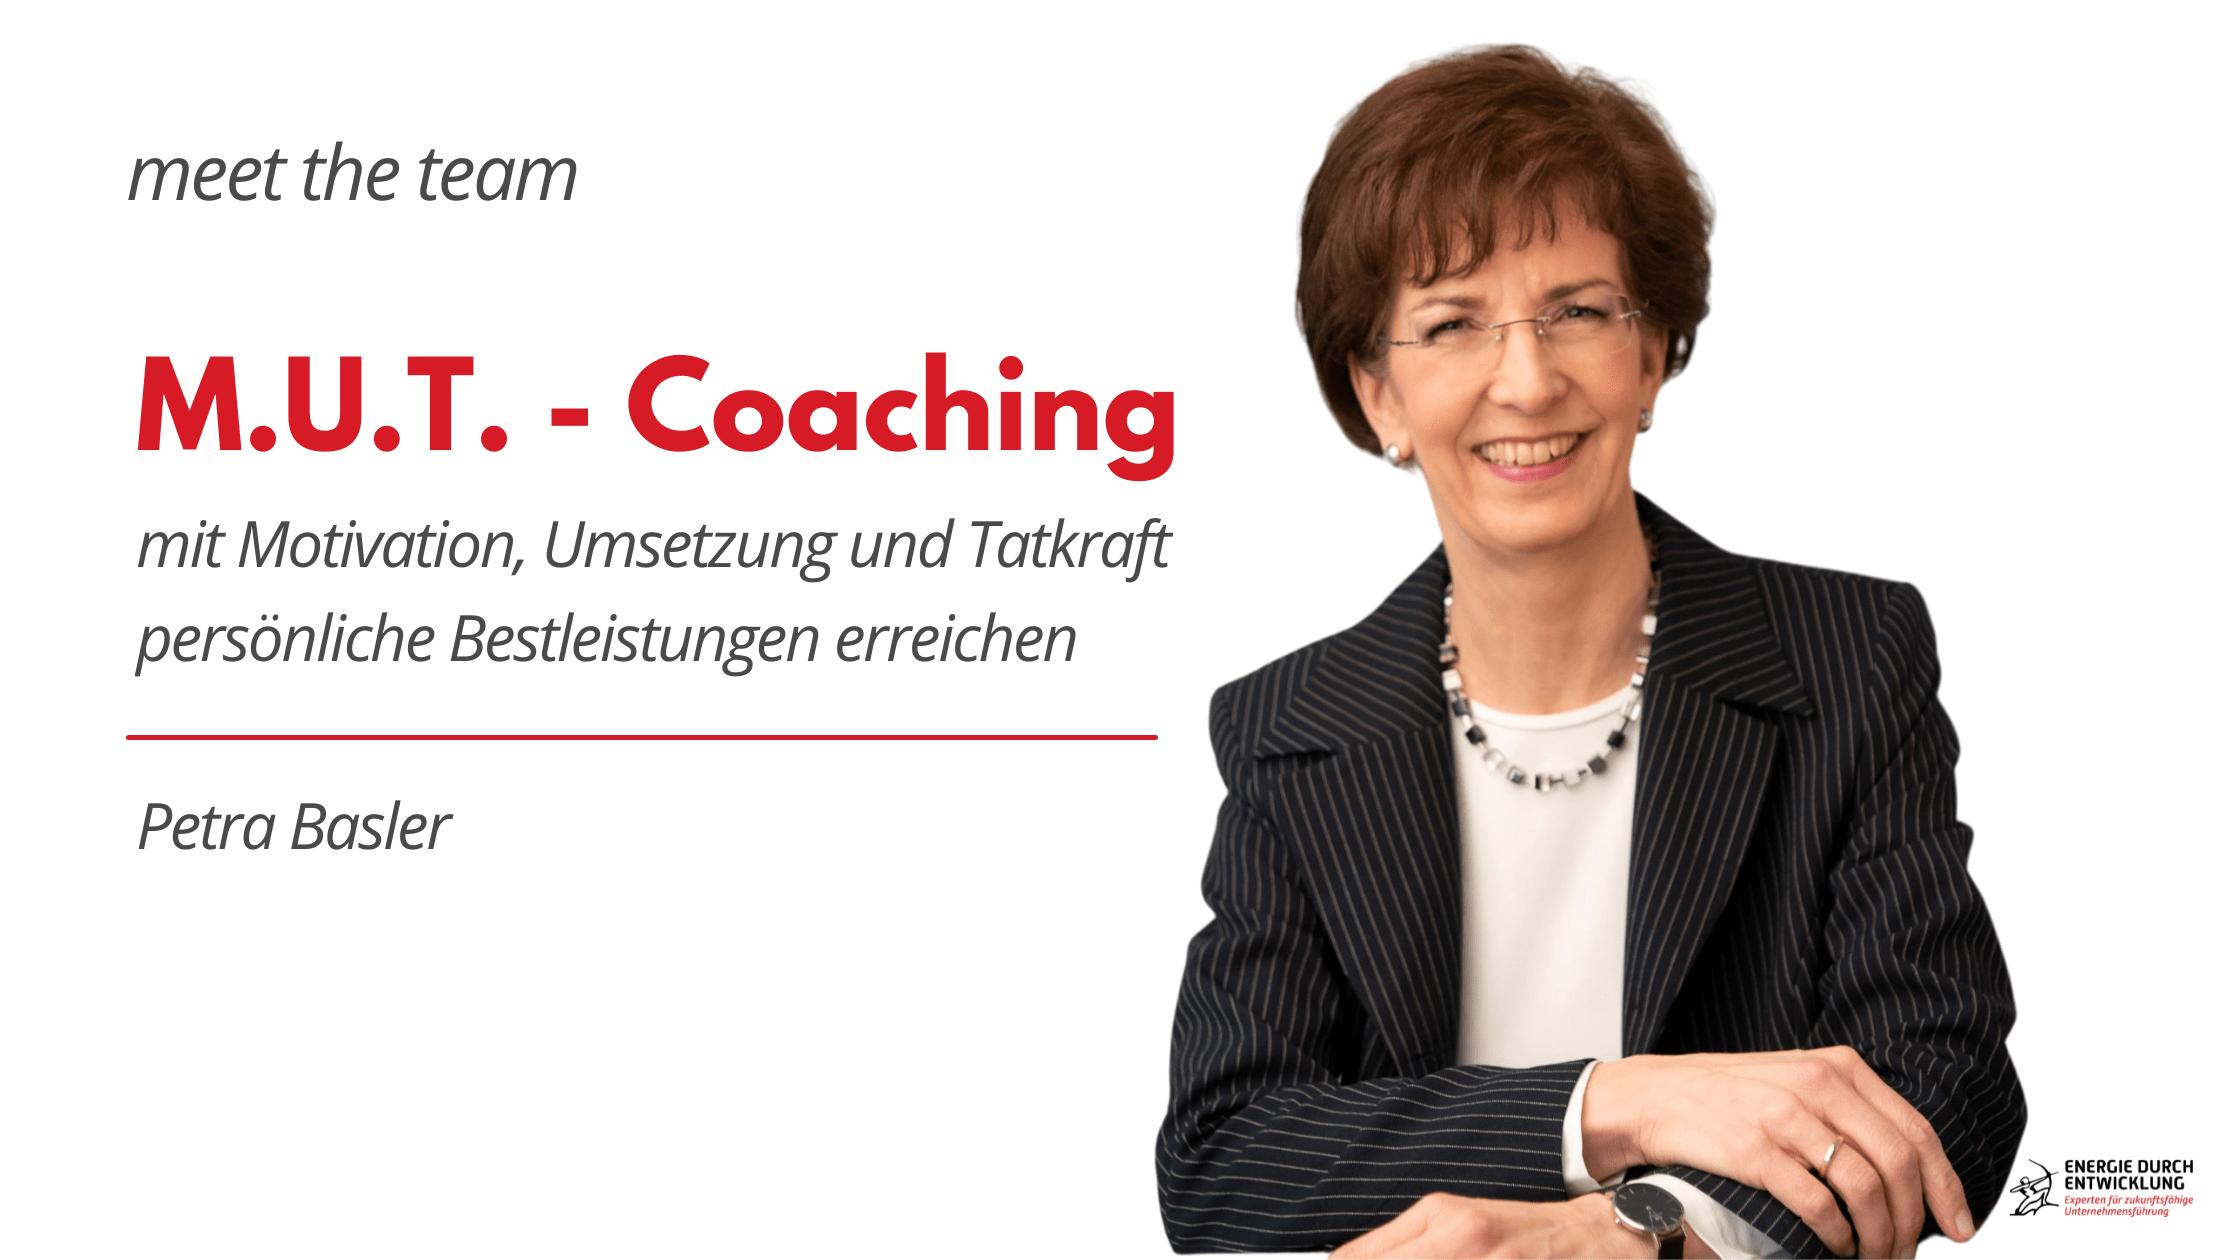 MUT coaching